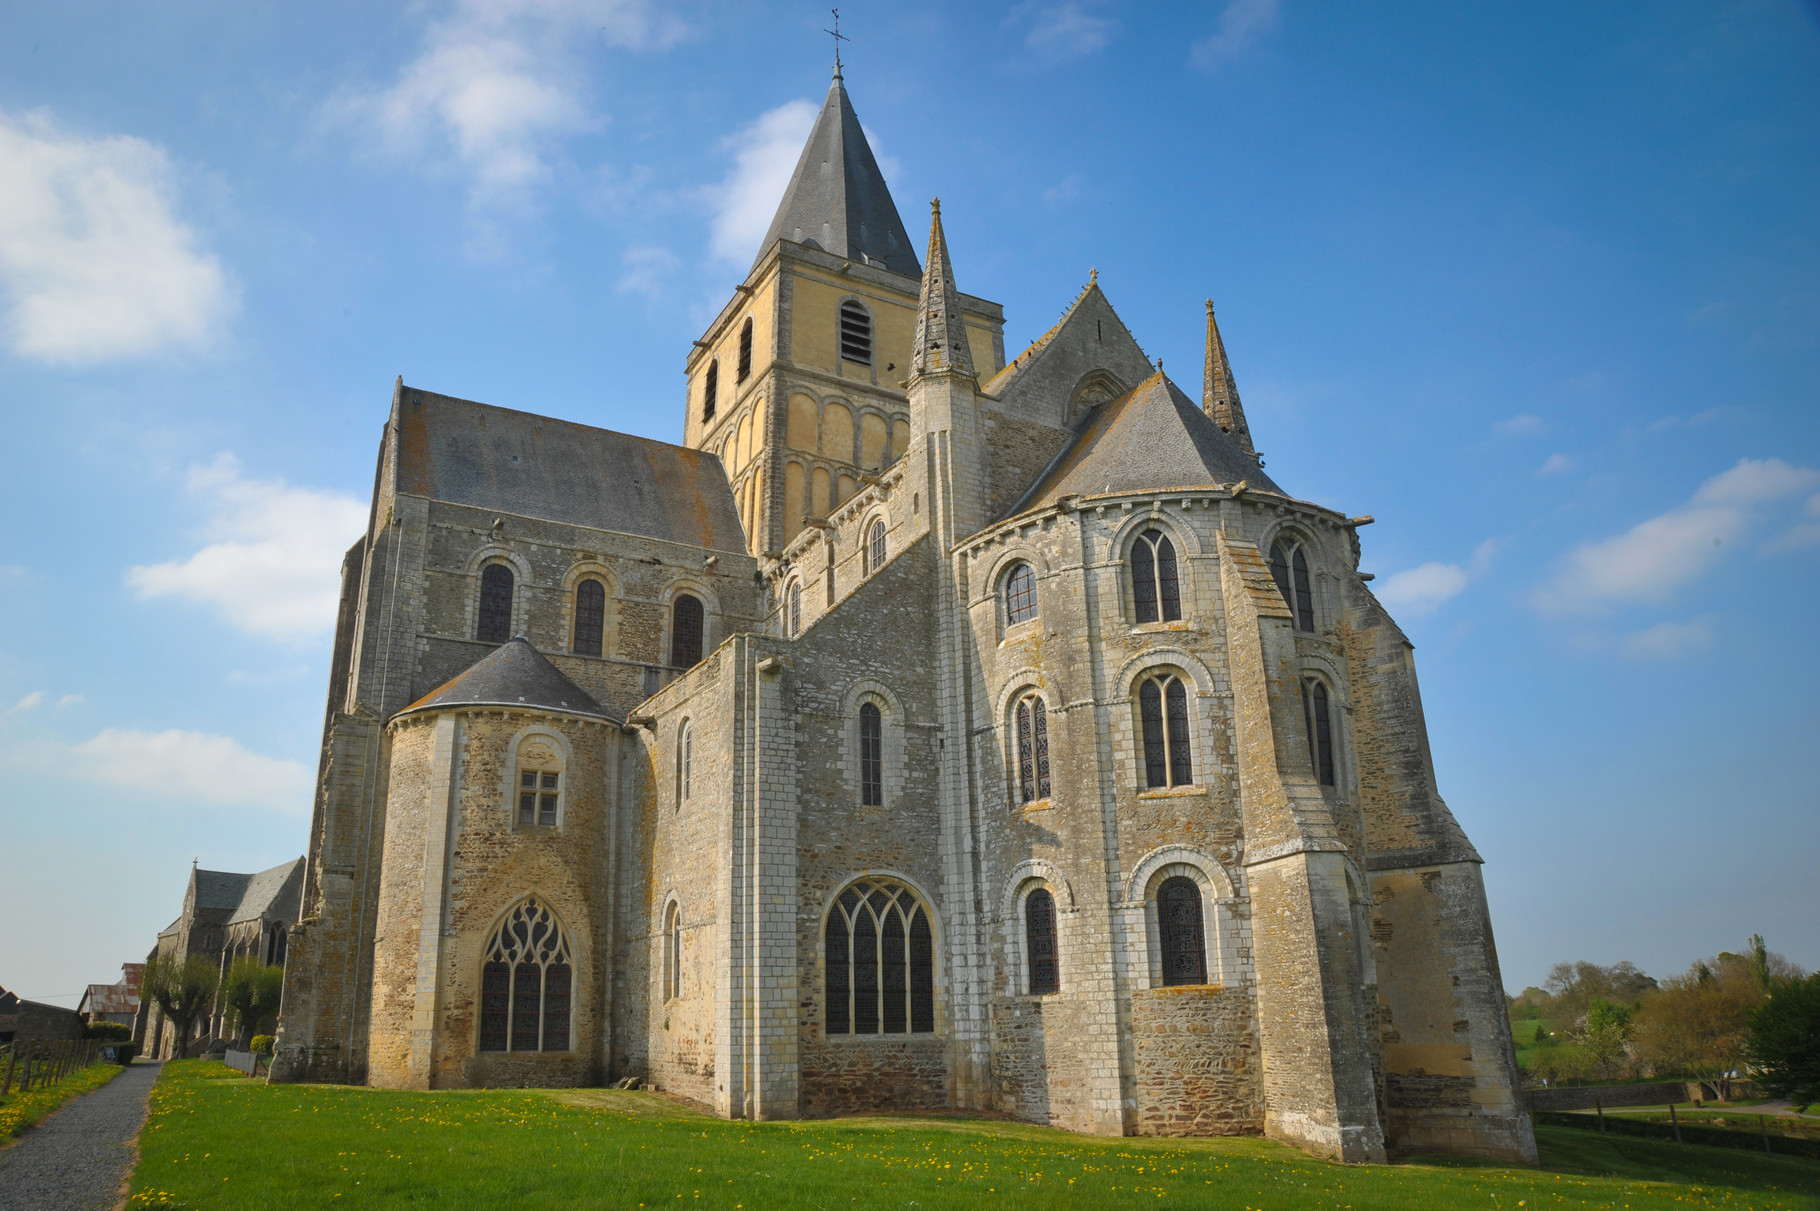 Abbaye de cerisy la foret abbaye de cerisy la for t - Abbaye de citeaux horaires des offices ...